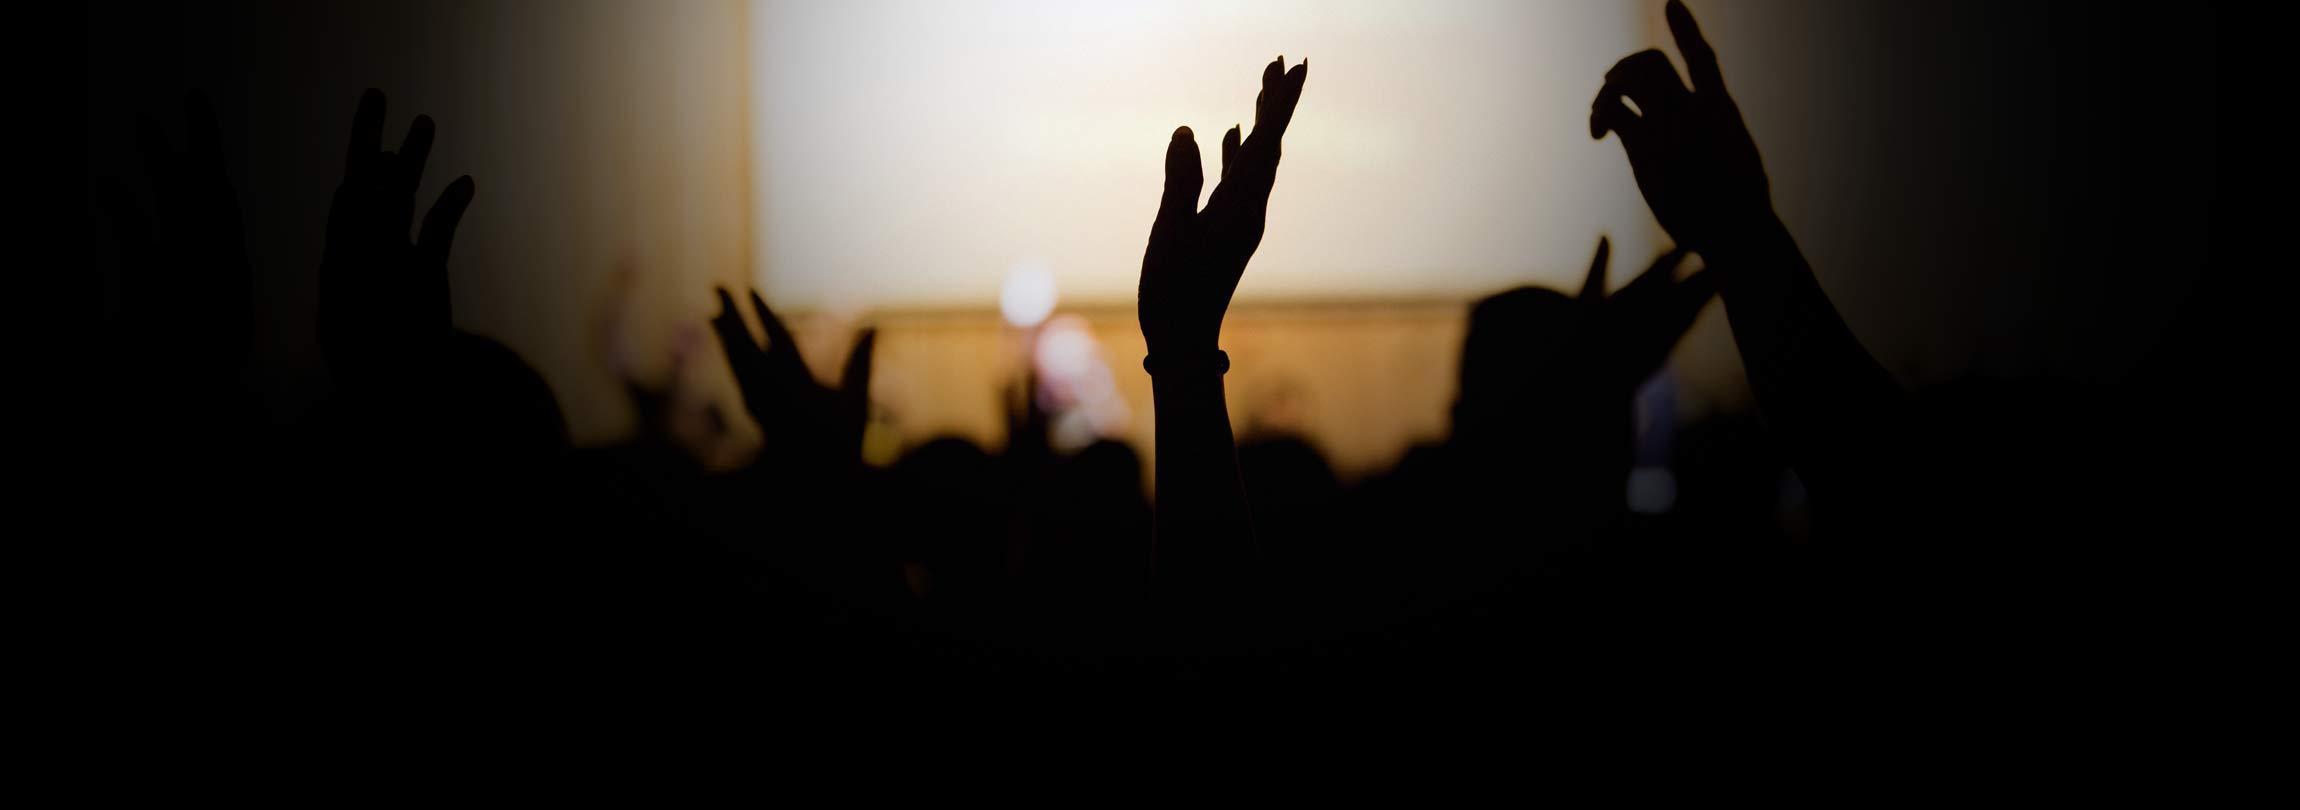 O que pensaria Jesus da nossa música litúrgica?